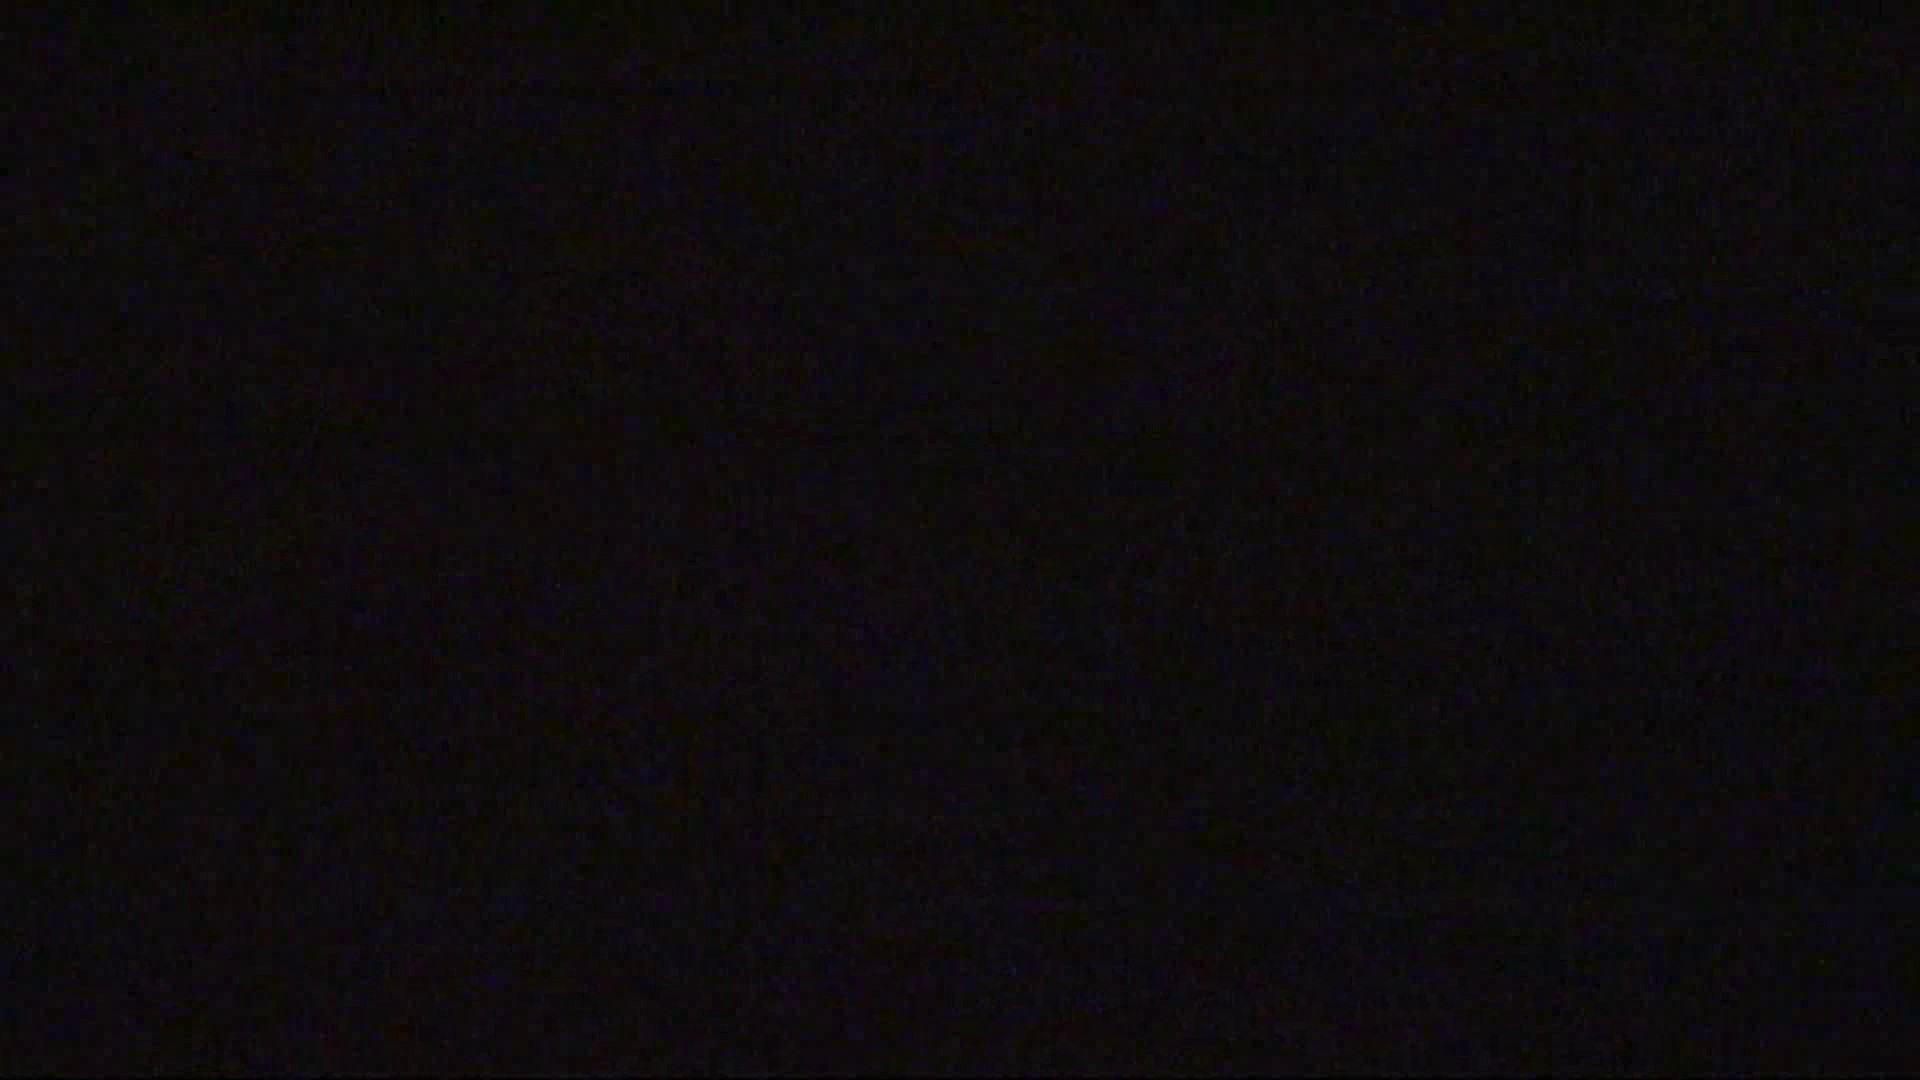 vol.02超可愛すぎる彼女の裸体をハイビジョンで!至近距離での眺め最高! 民家 オマンコ無修正動画無料 94連発 41